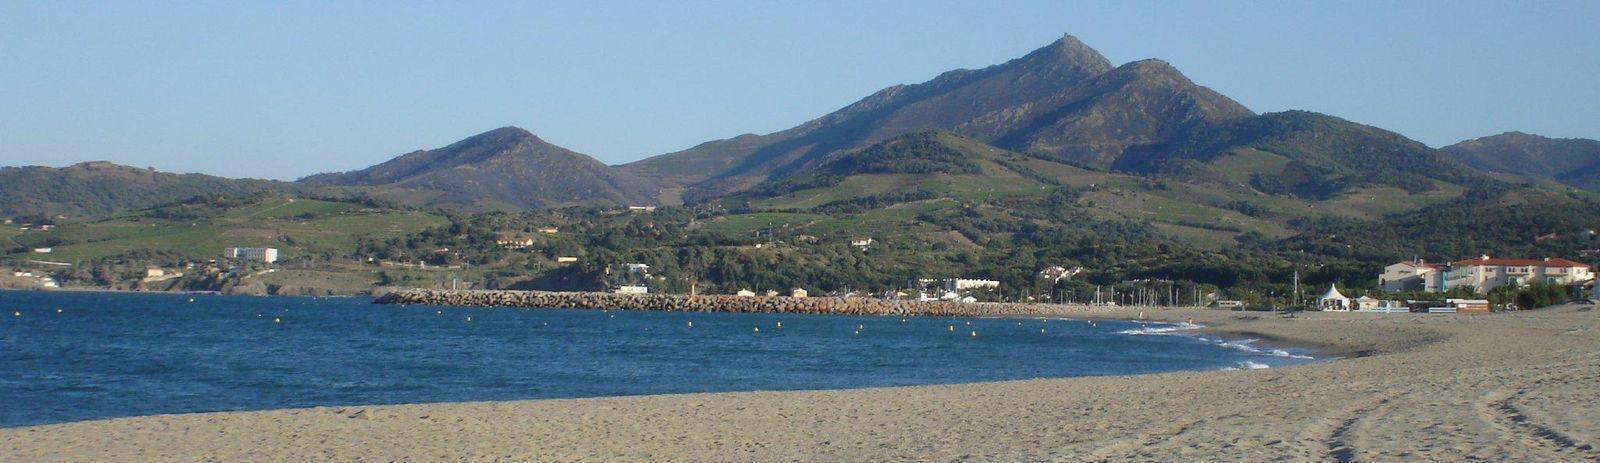 Plage_Argelès-sur-Mer (1)